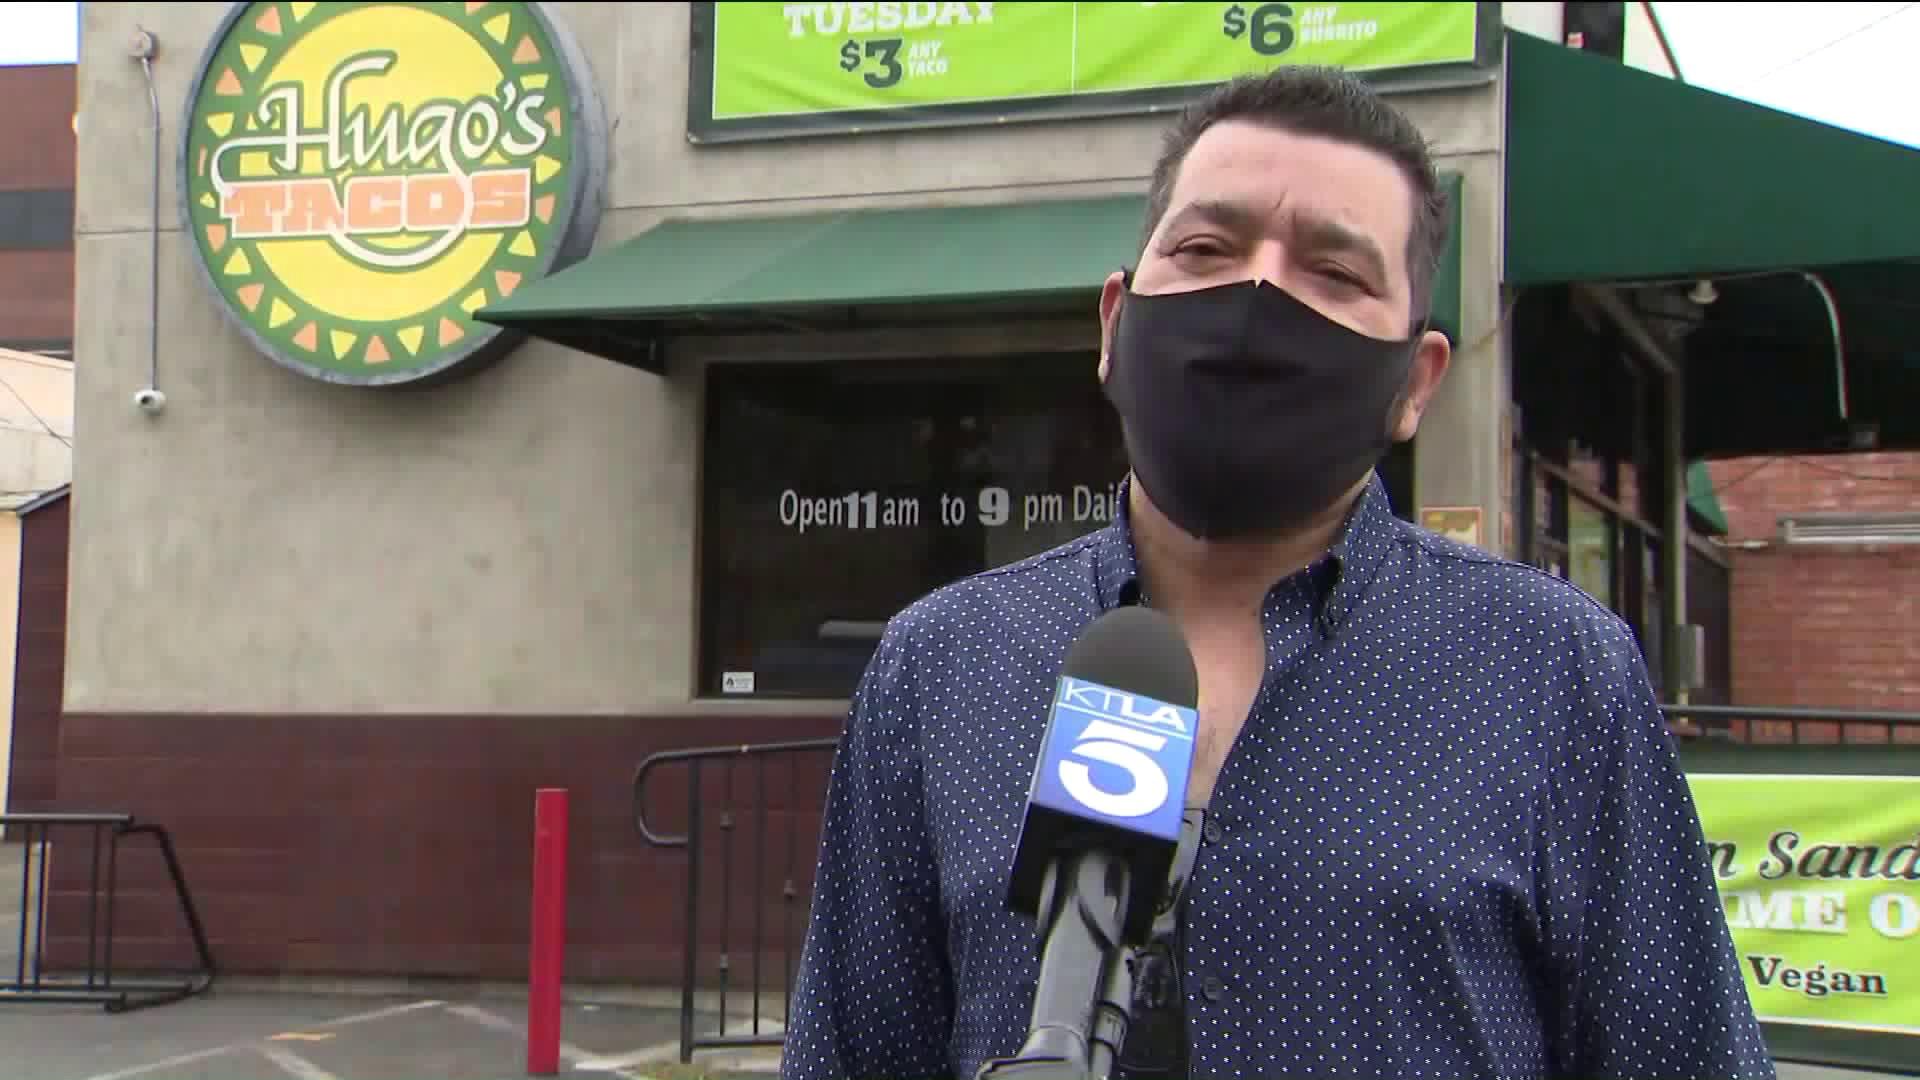 Hugo's Tacos Executive Chef Nabor Diaz speaks to KTLA in Studio City on June 28, 2020. (KTLA)